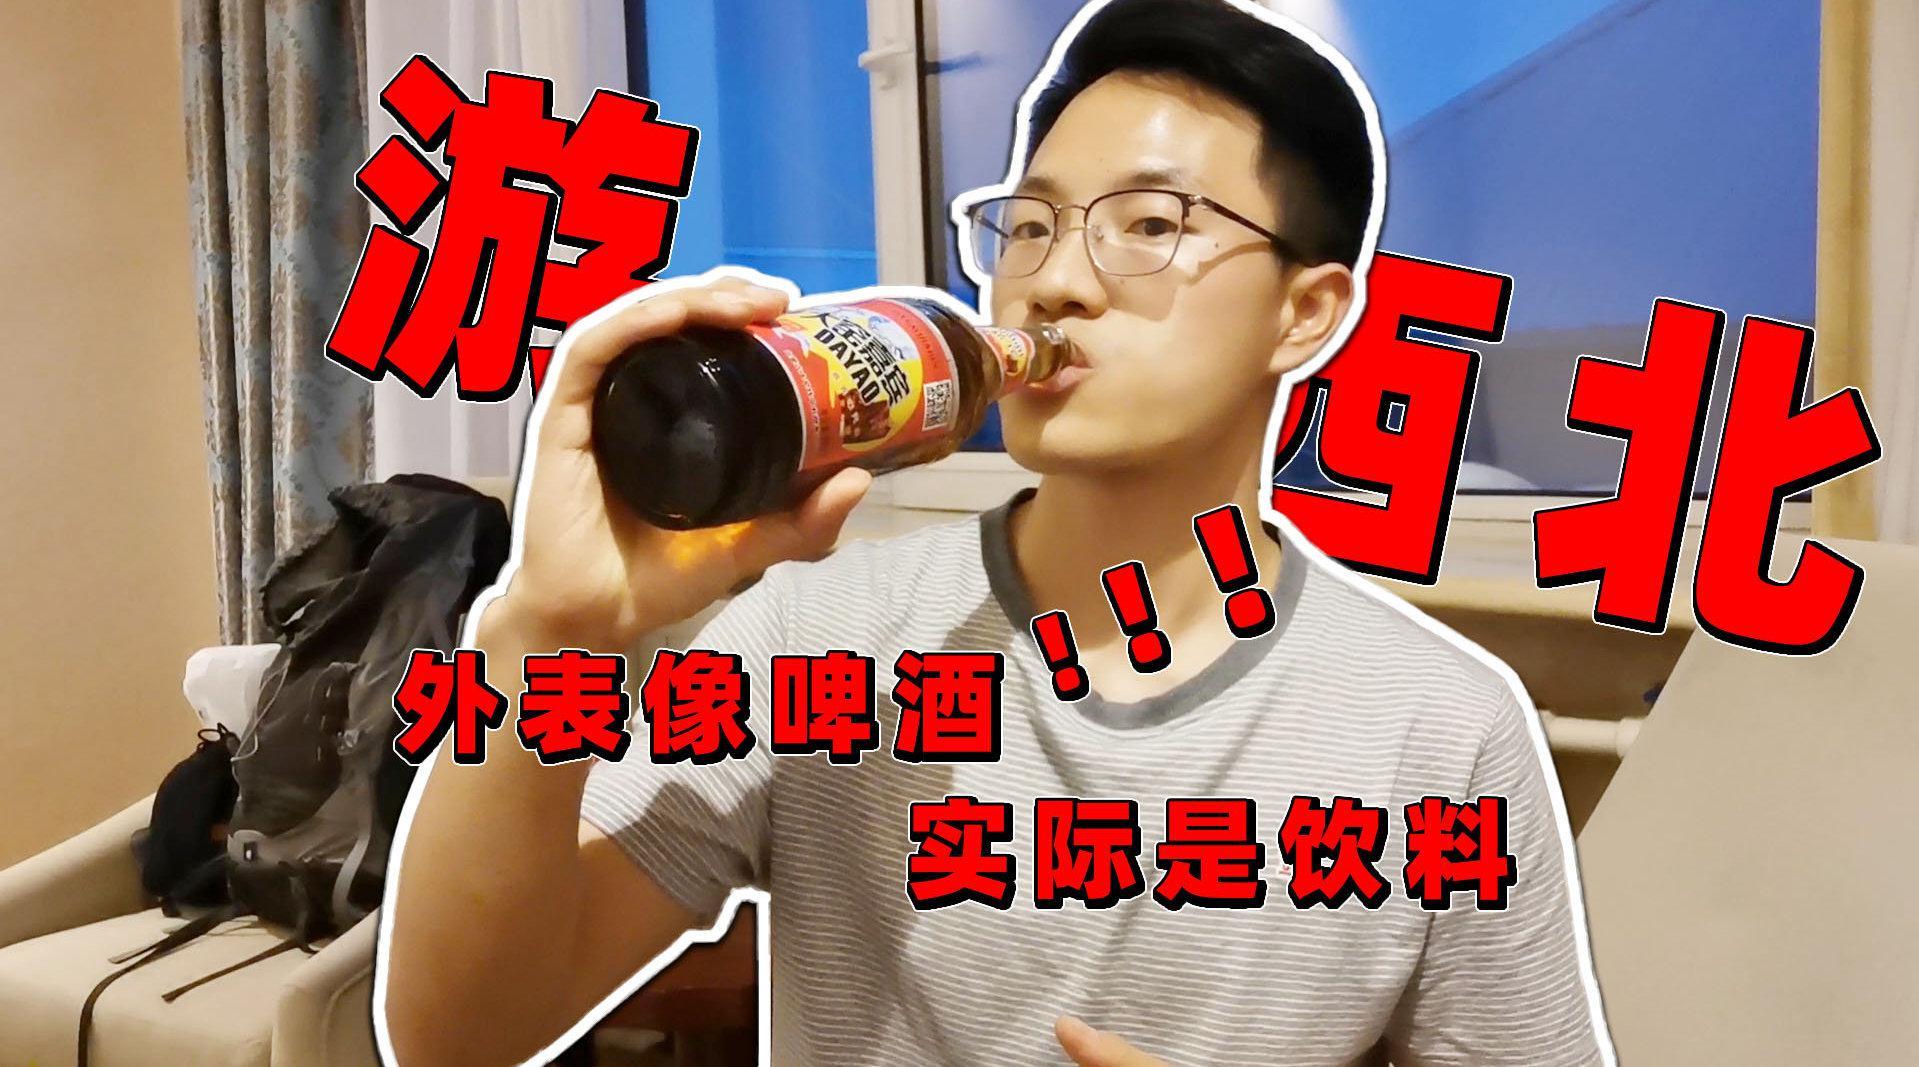 在大西北出镜率超高的饮料!外表像啤酒,喝起来像童年的味道